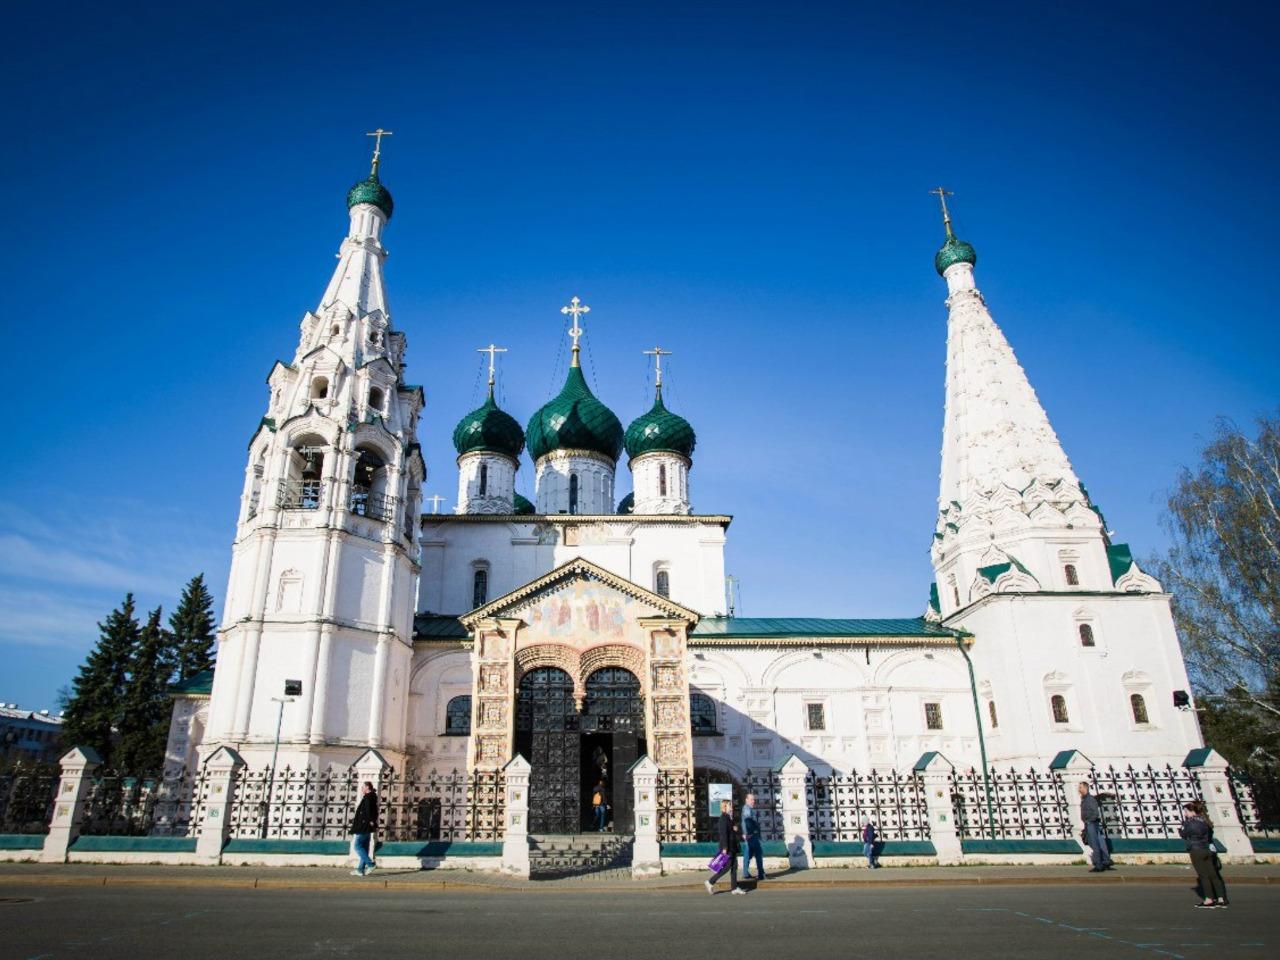 Индивидуальная экскурсия по Ярославлю - индивидуальная экскурсия в Ярославле от опытного гида